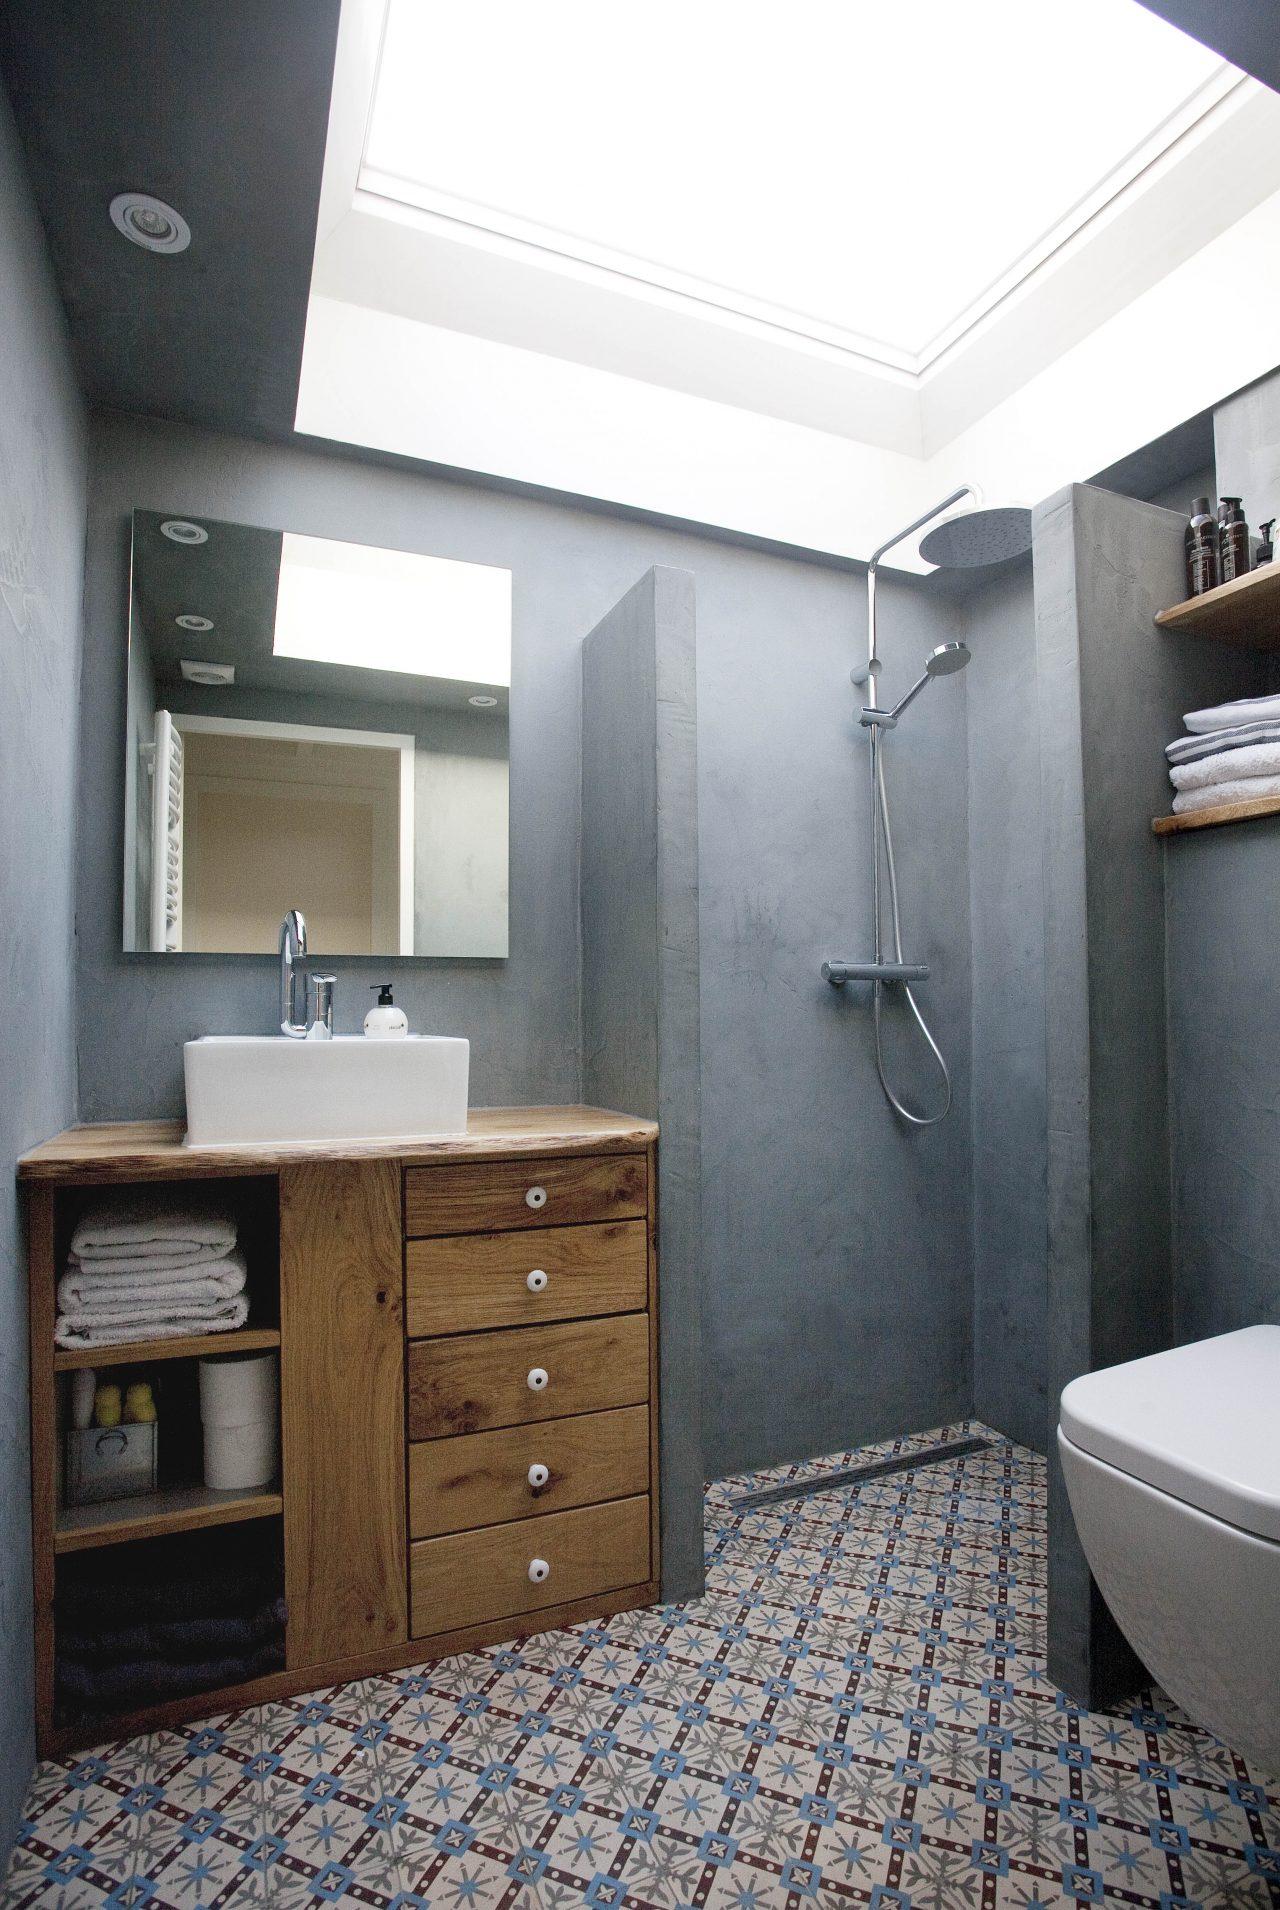 Unieke interieurs, meubilair en projecten van Kees